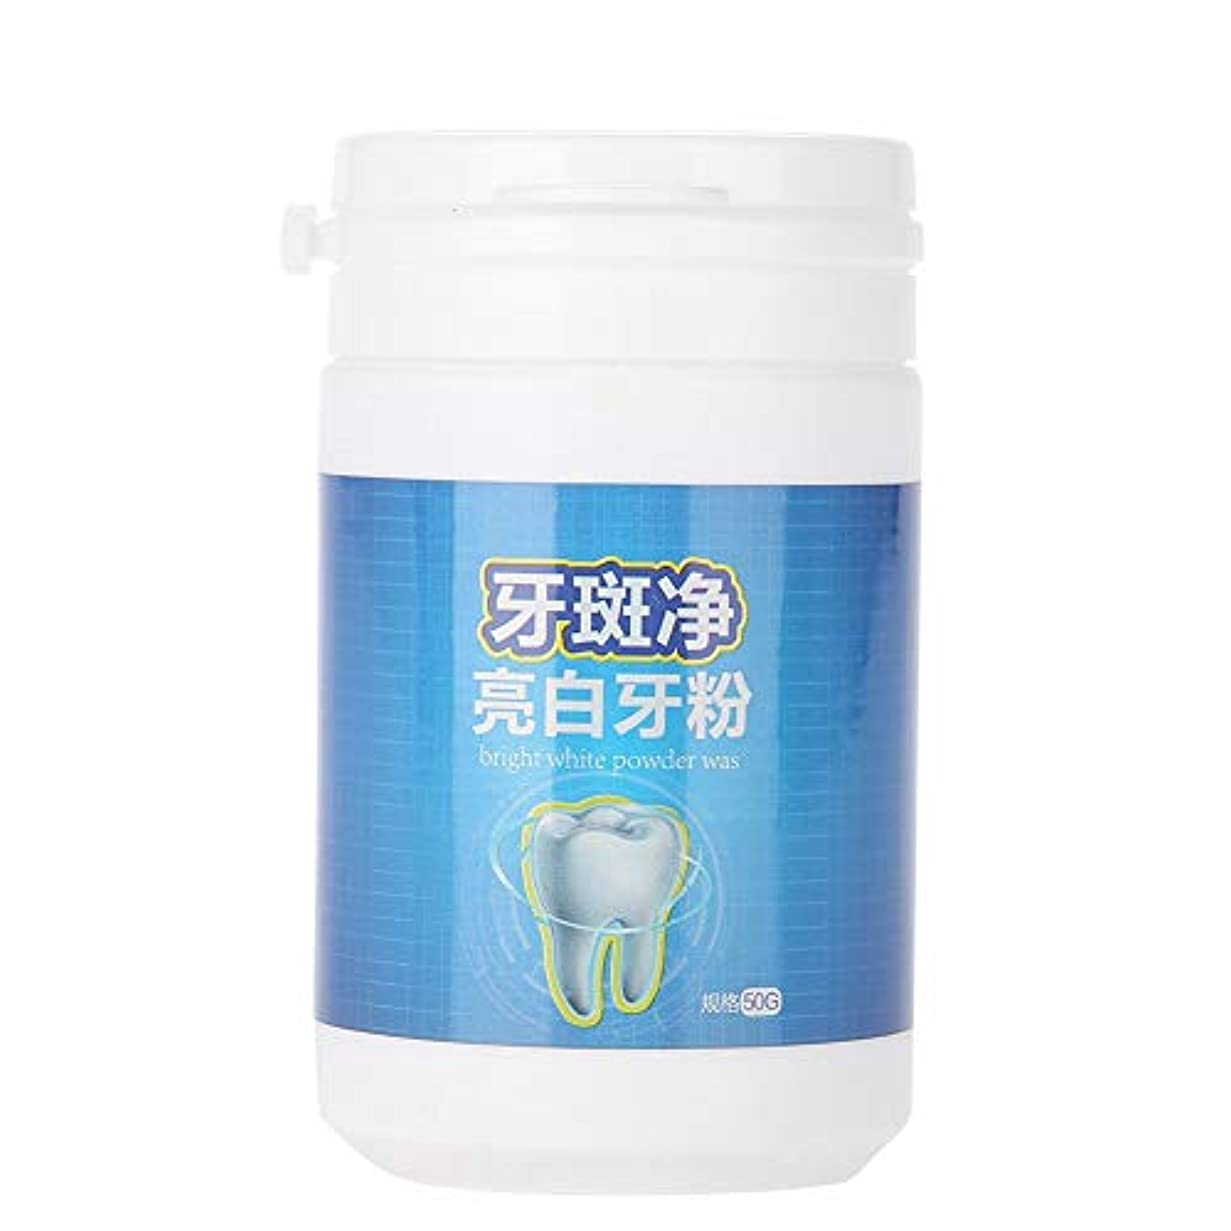 賞高めるフォーム粉茶コーヒーの汚れの口臭の取り外しの口腔ケアの粉を白くする口腔ケアの粉50gの歯